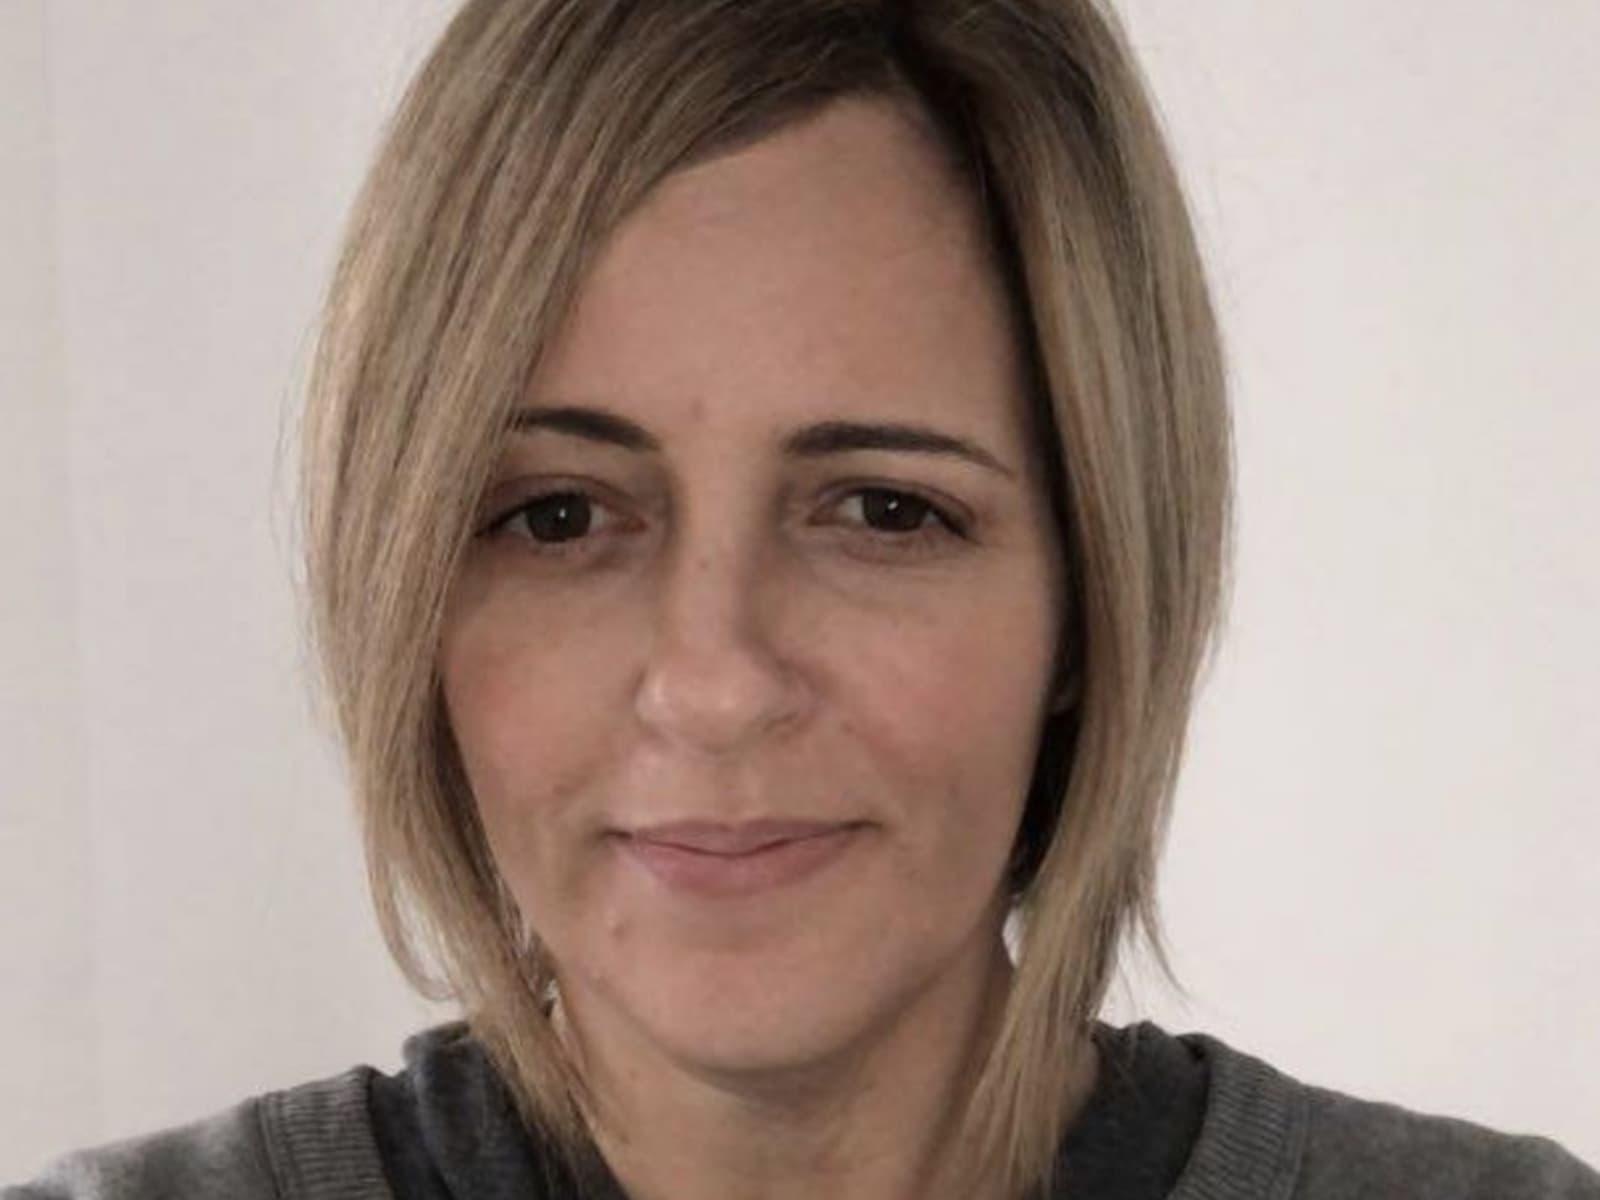 Cecily from Cambridge, United Kingdom